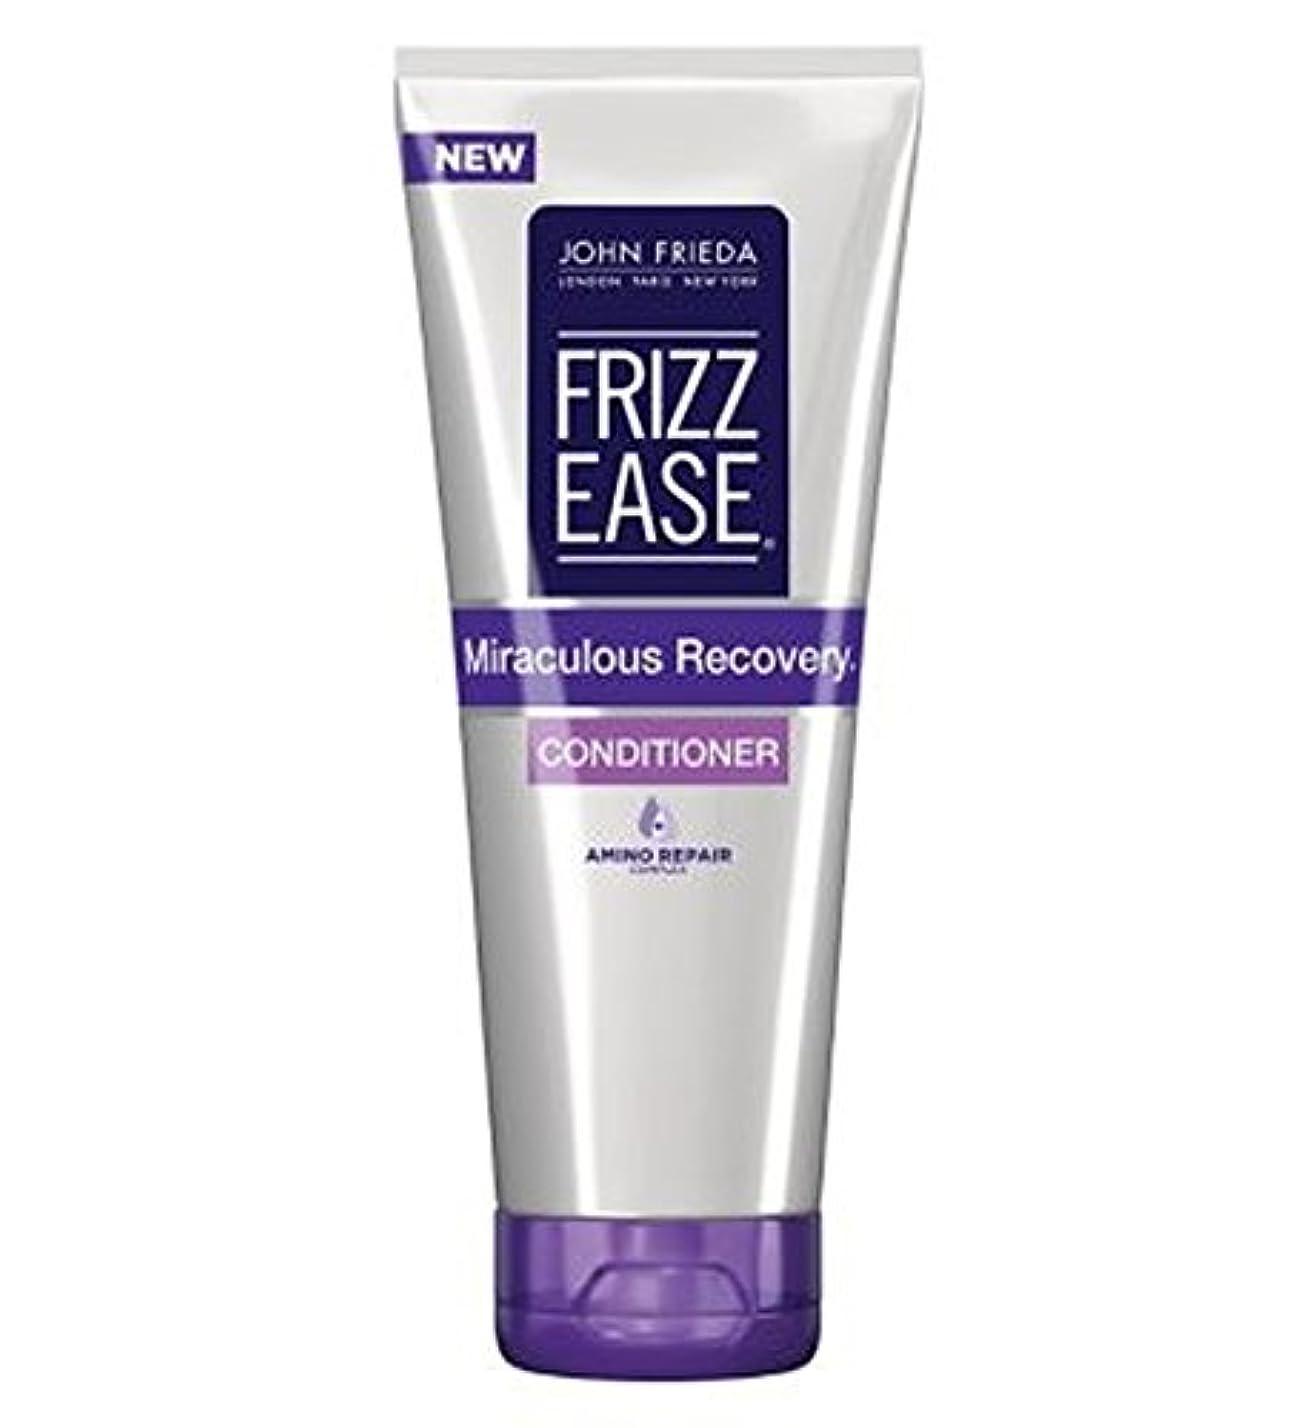 ジョン?フリーダ縮れ容易奇跡的な回復コンディショナー250Ml (John Frieda) (x2) - John Frieda Frizz Ease Miraculous Recovery Conditioner 250ml...